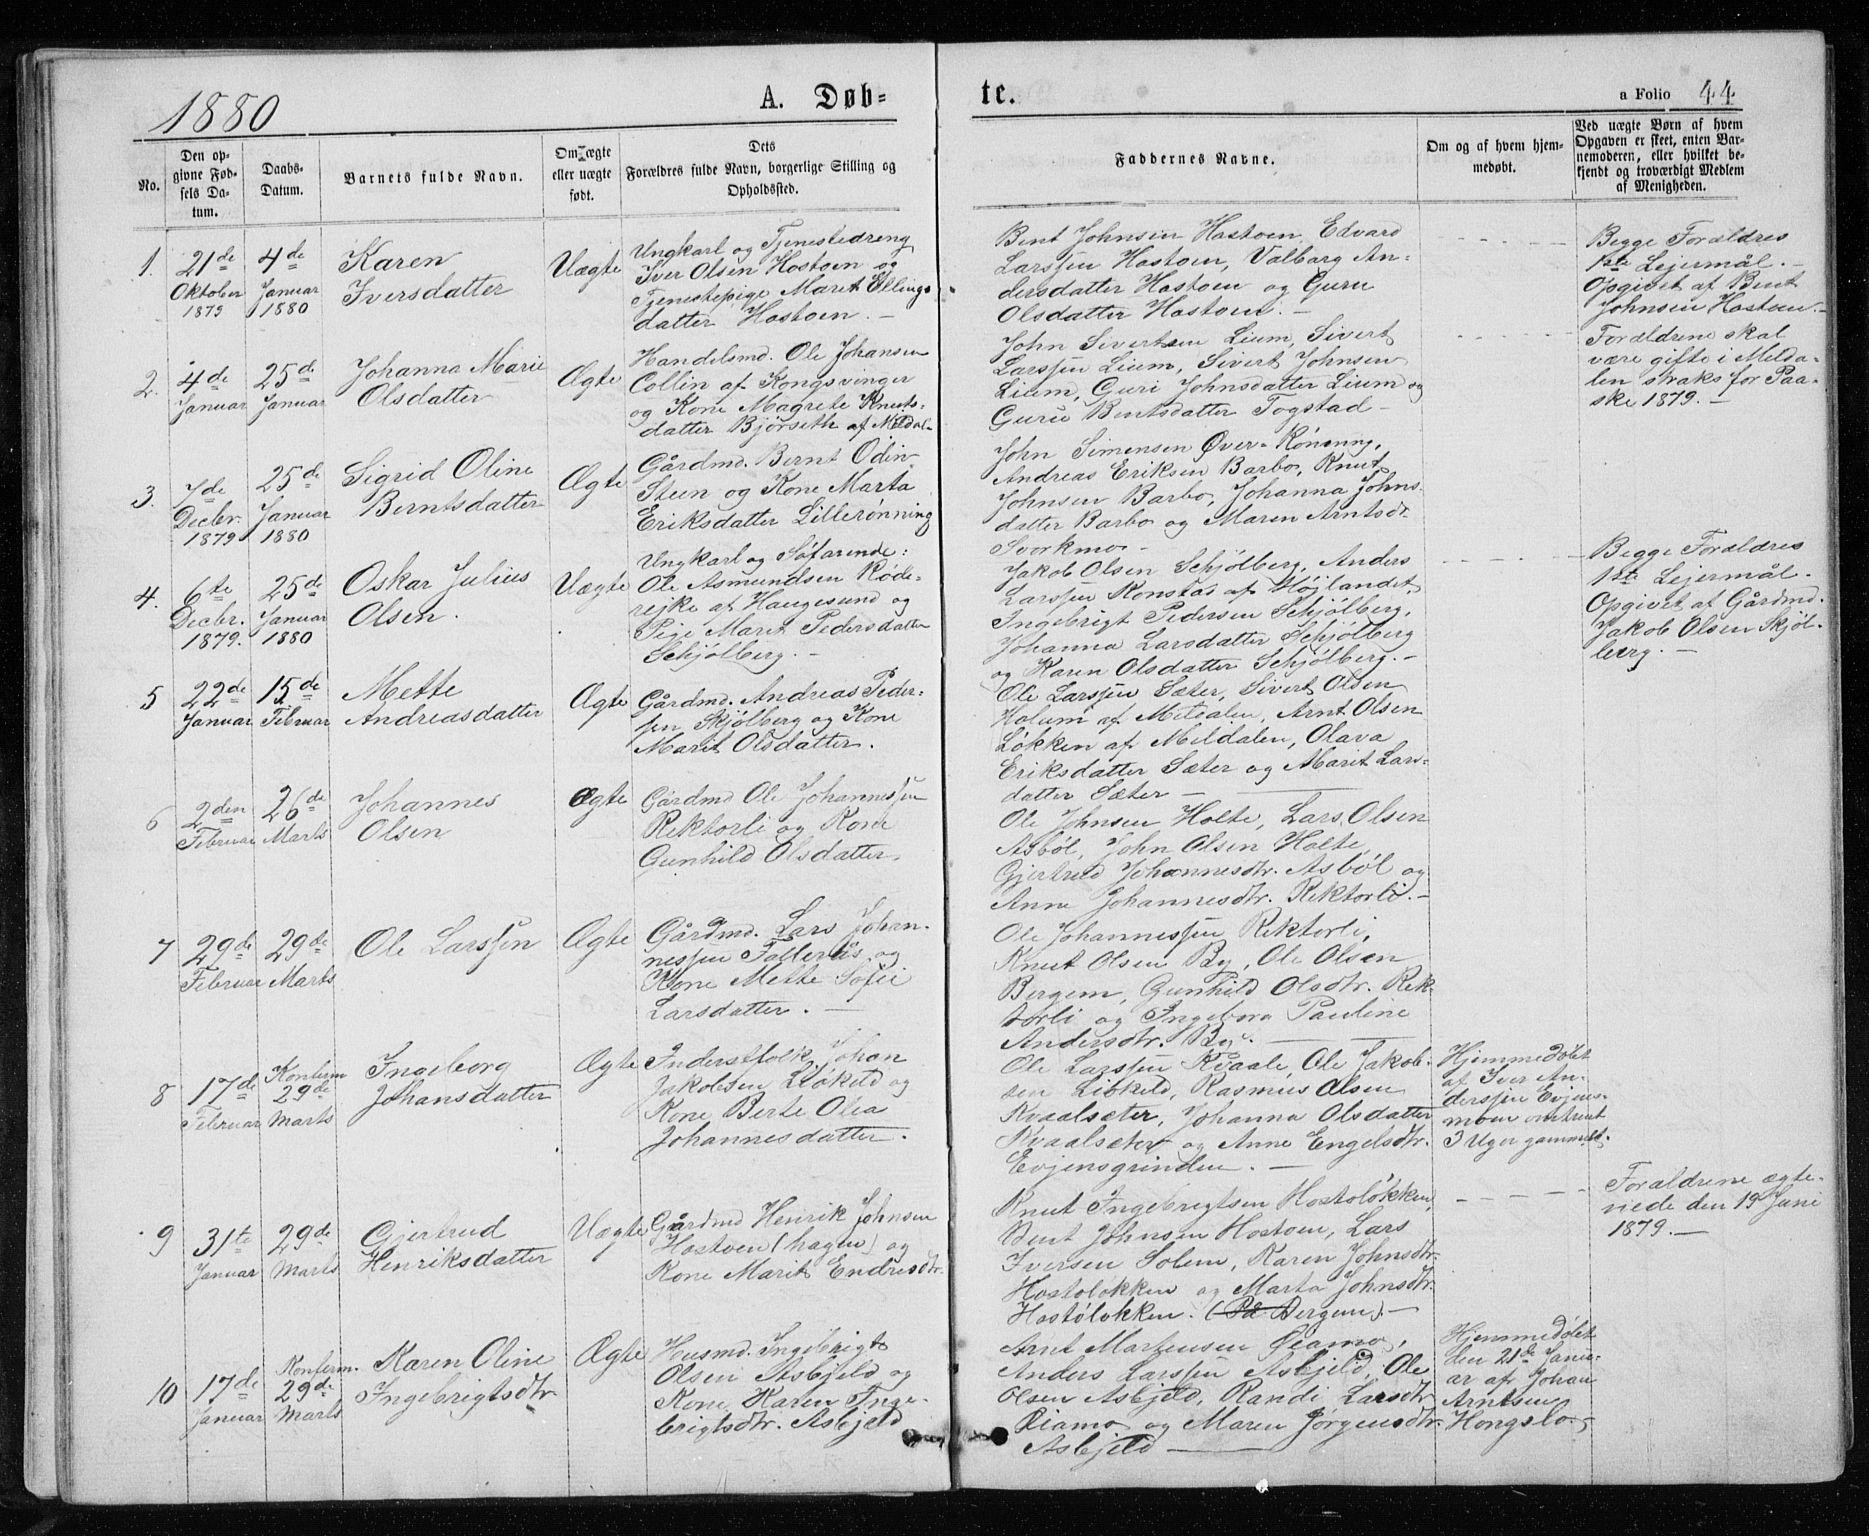 SAT, Ministerialprotokoller, klokkerbøker og fødselsregistre - Sør-Trøndelag, 671/L0843: Klokkerbok nr. 671C02, 1873-1892, s. 44